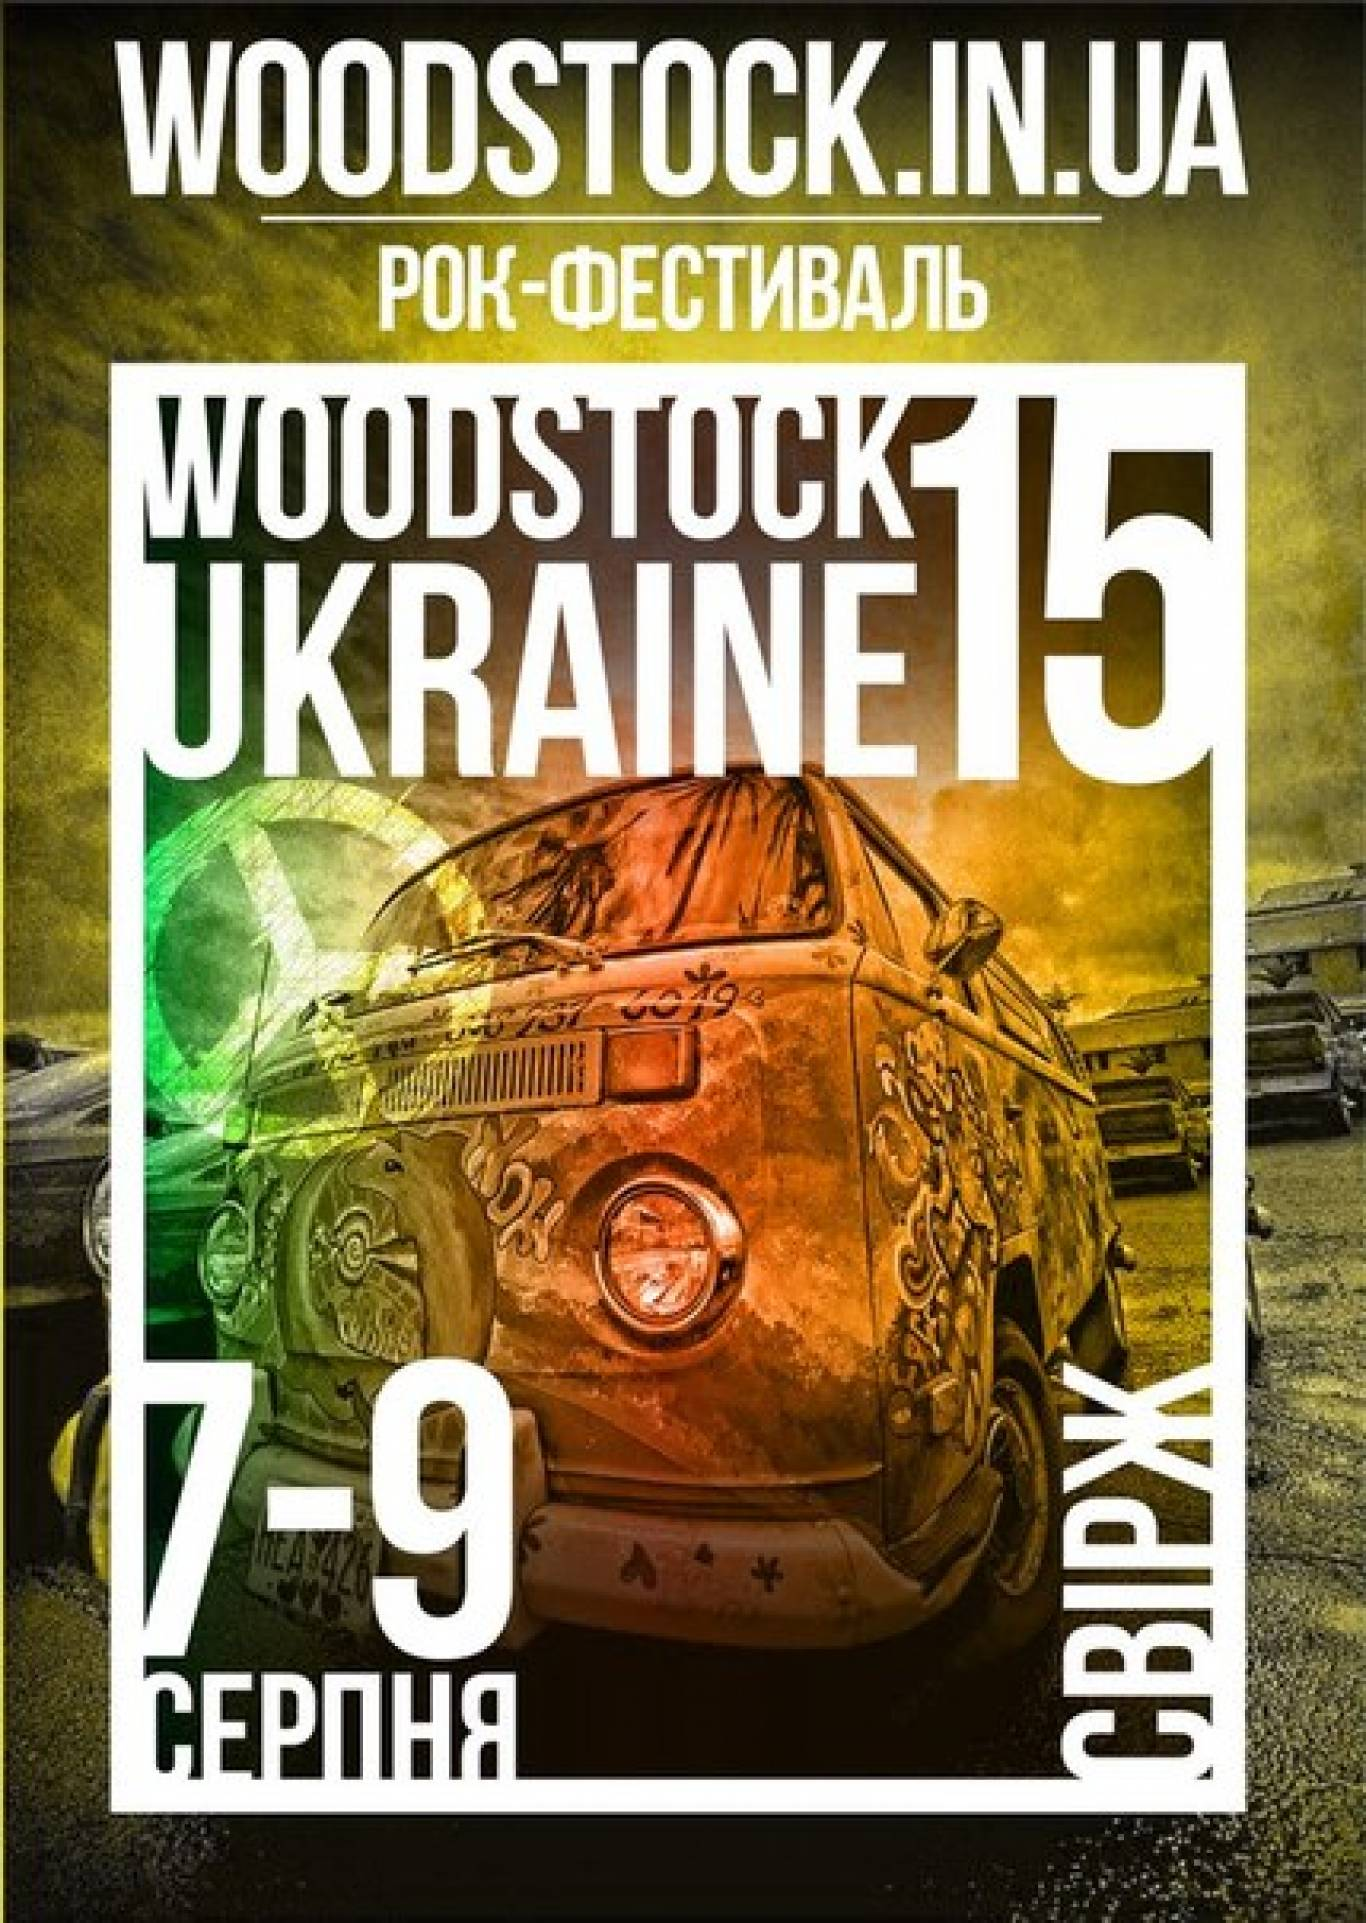 Фестиваль Woodstock Ukraine